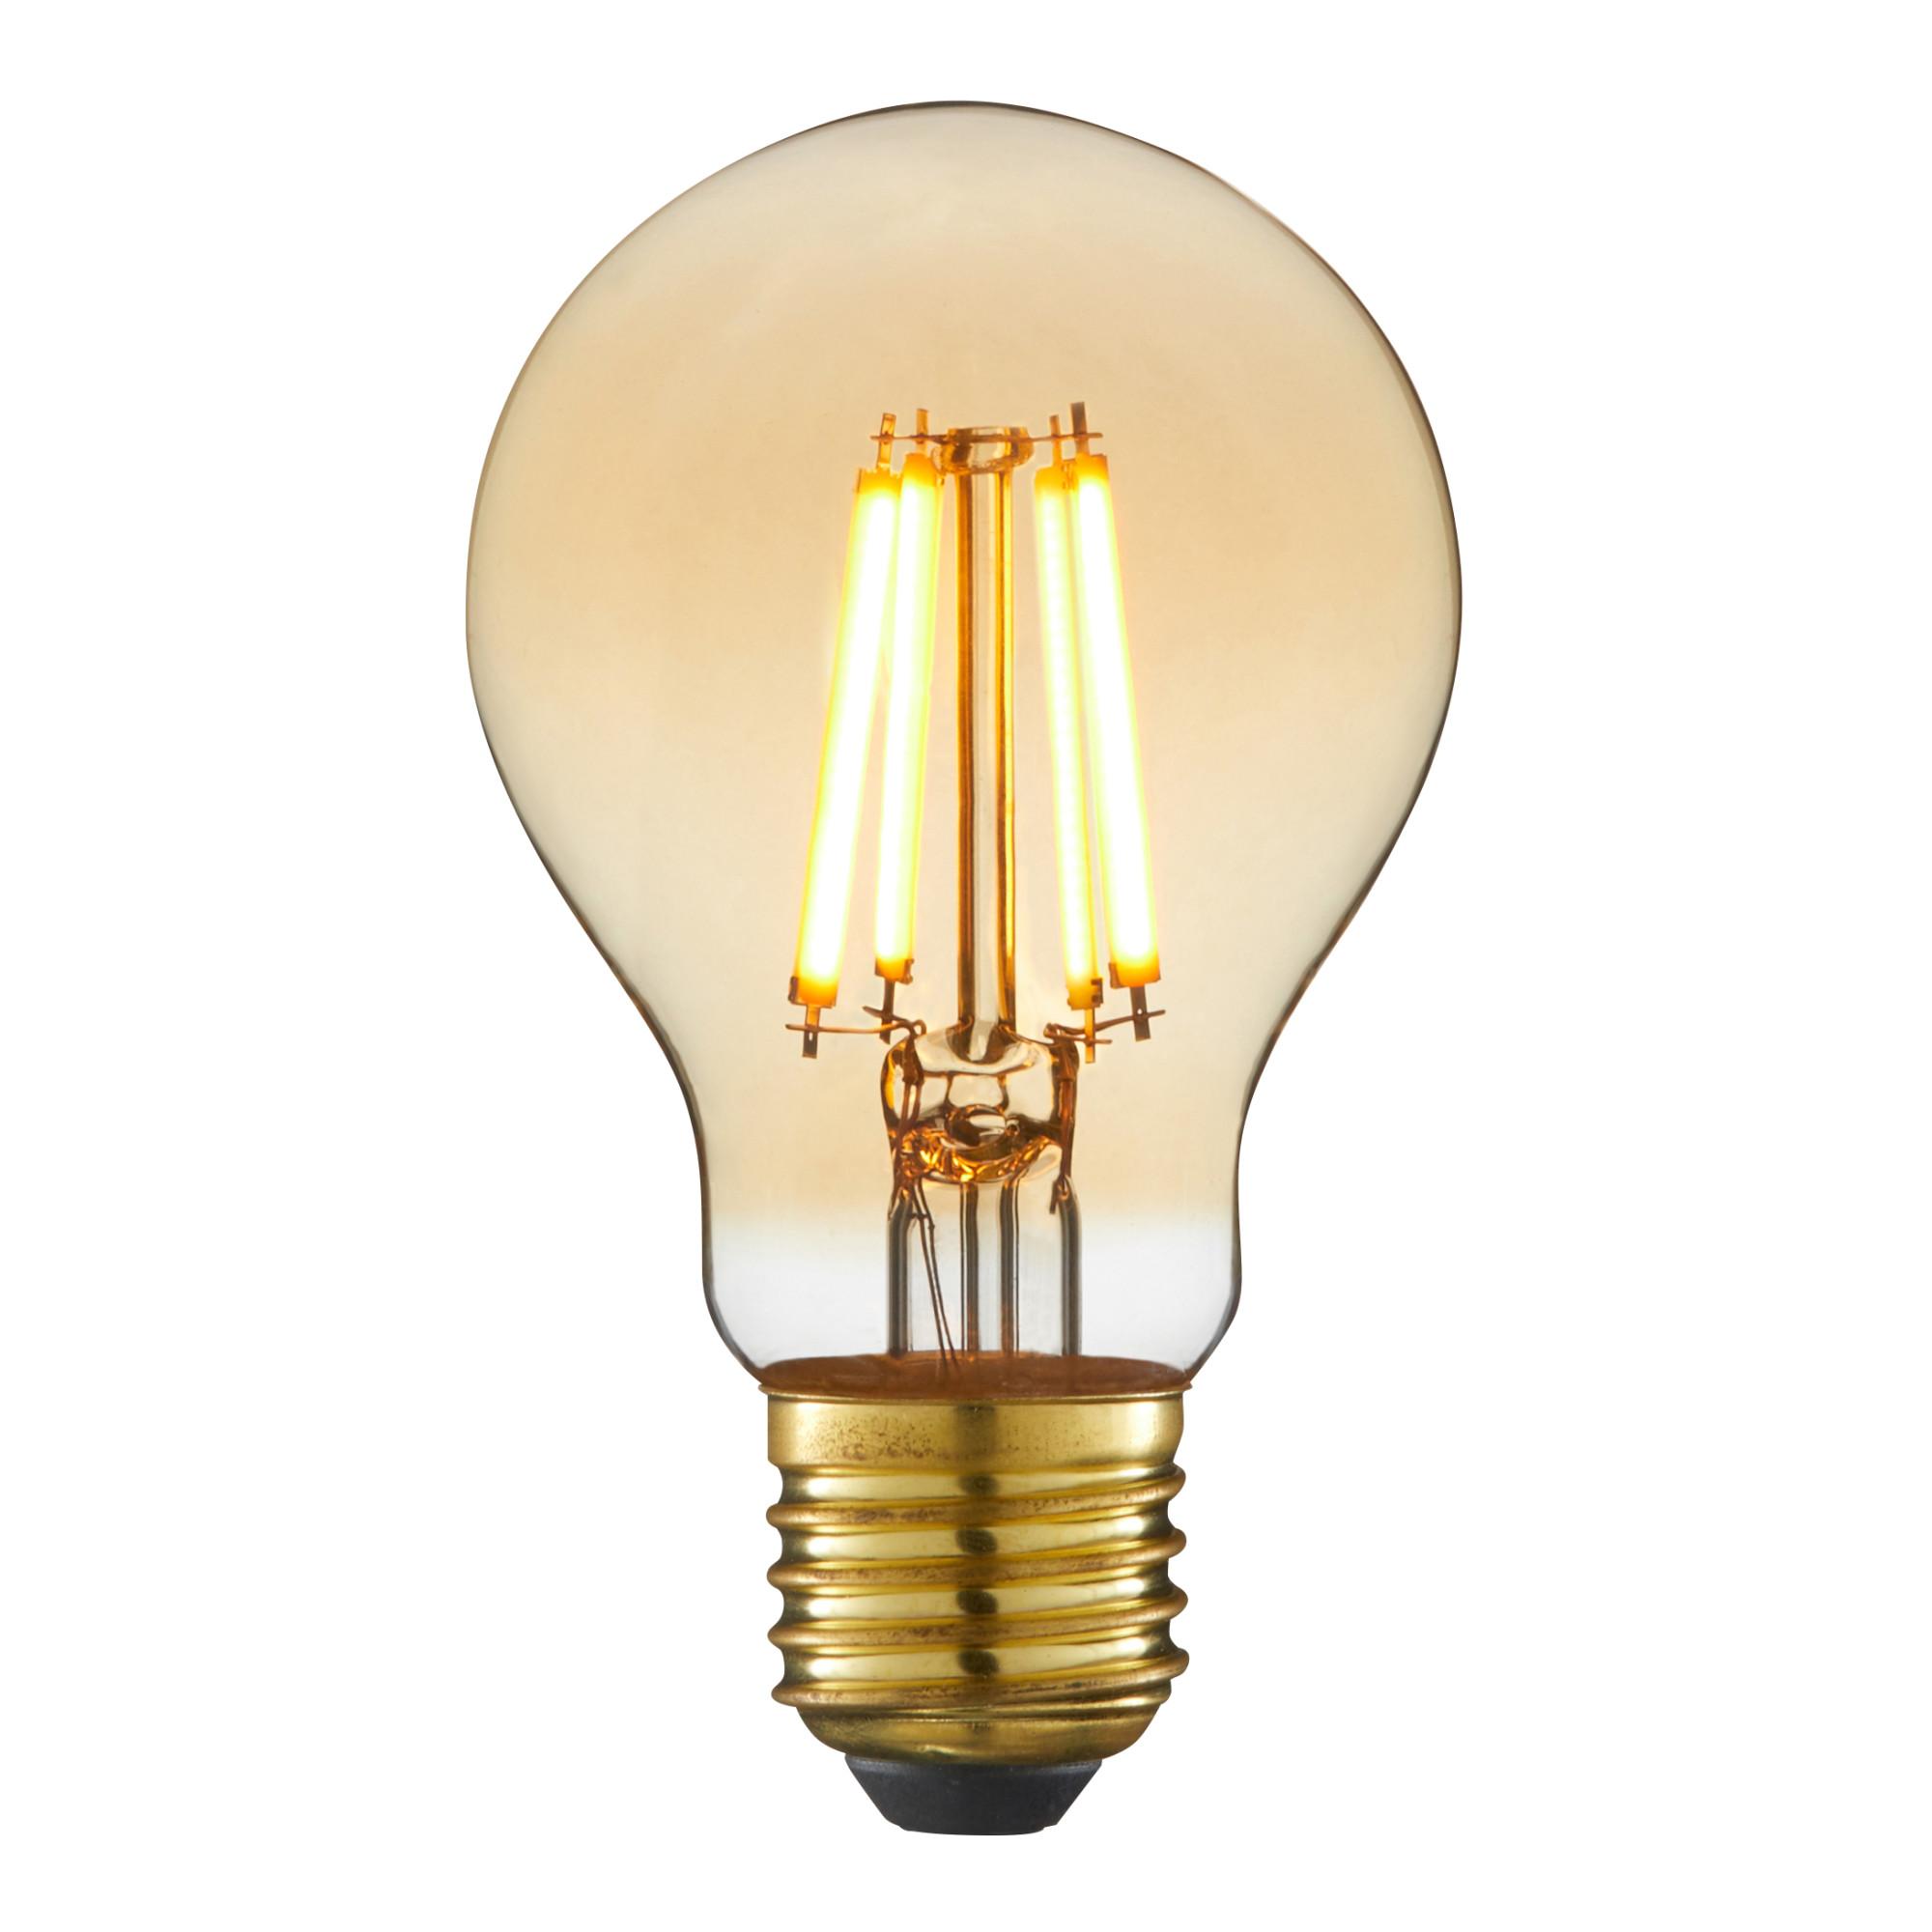 Лампа светодиодная филаментная Lexman E27 220 В 5 Вт груша янтарная 470 лм жёлтый свет